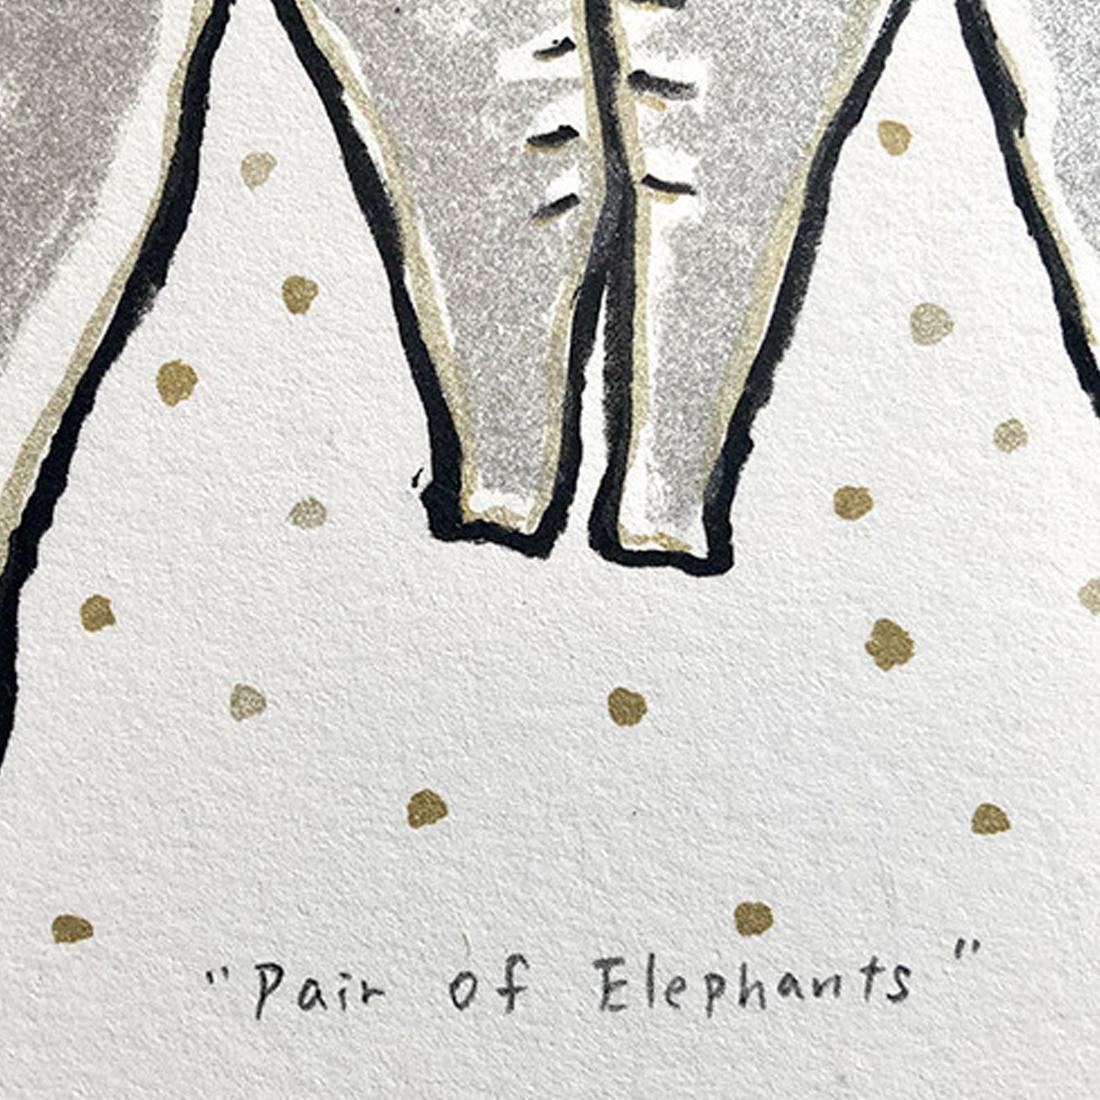 作品「Pair of Elephants」